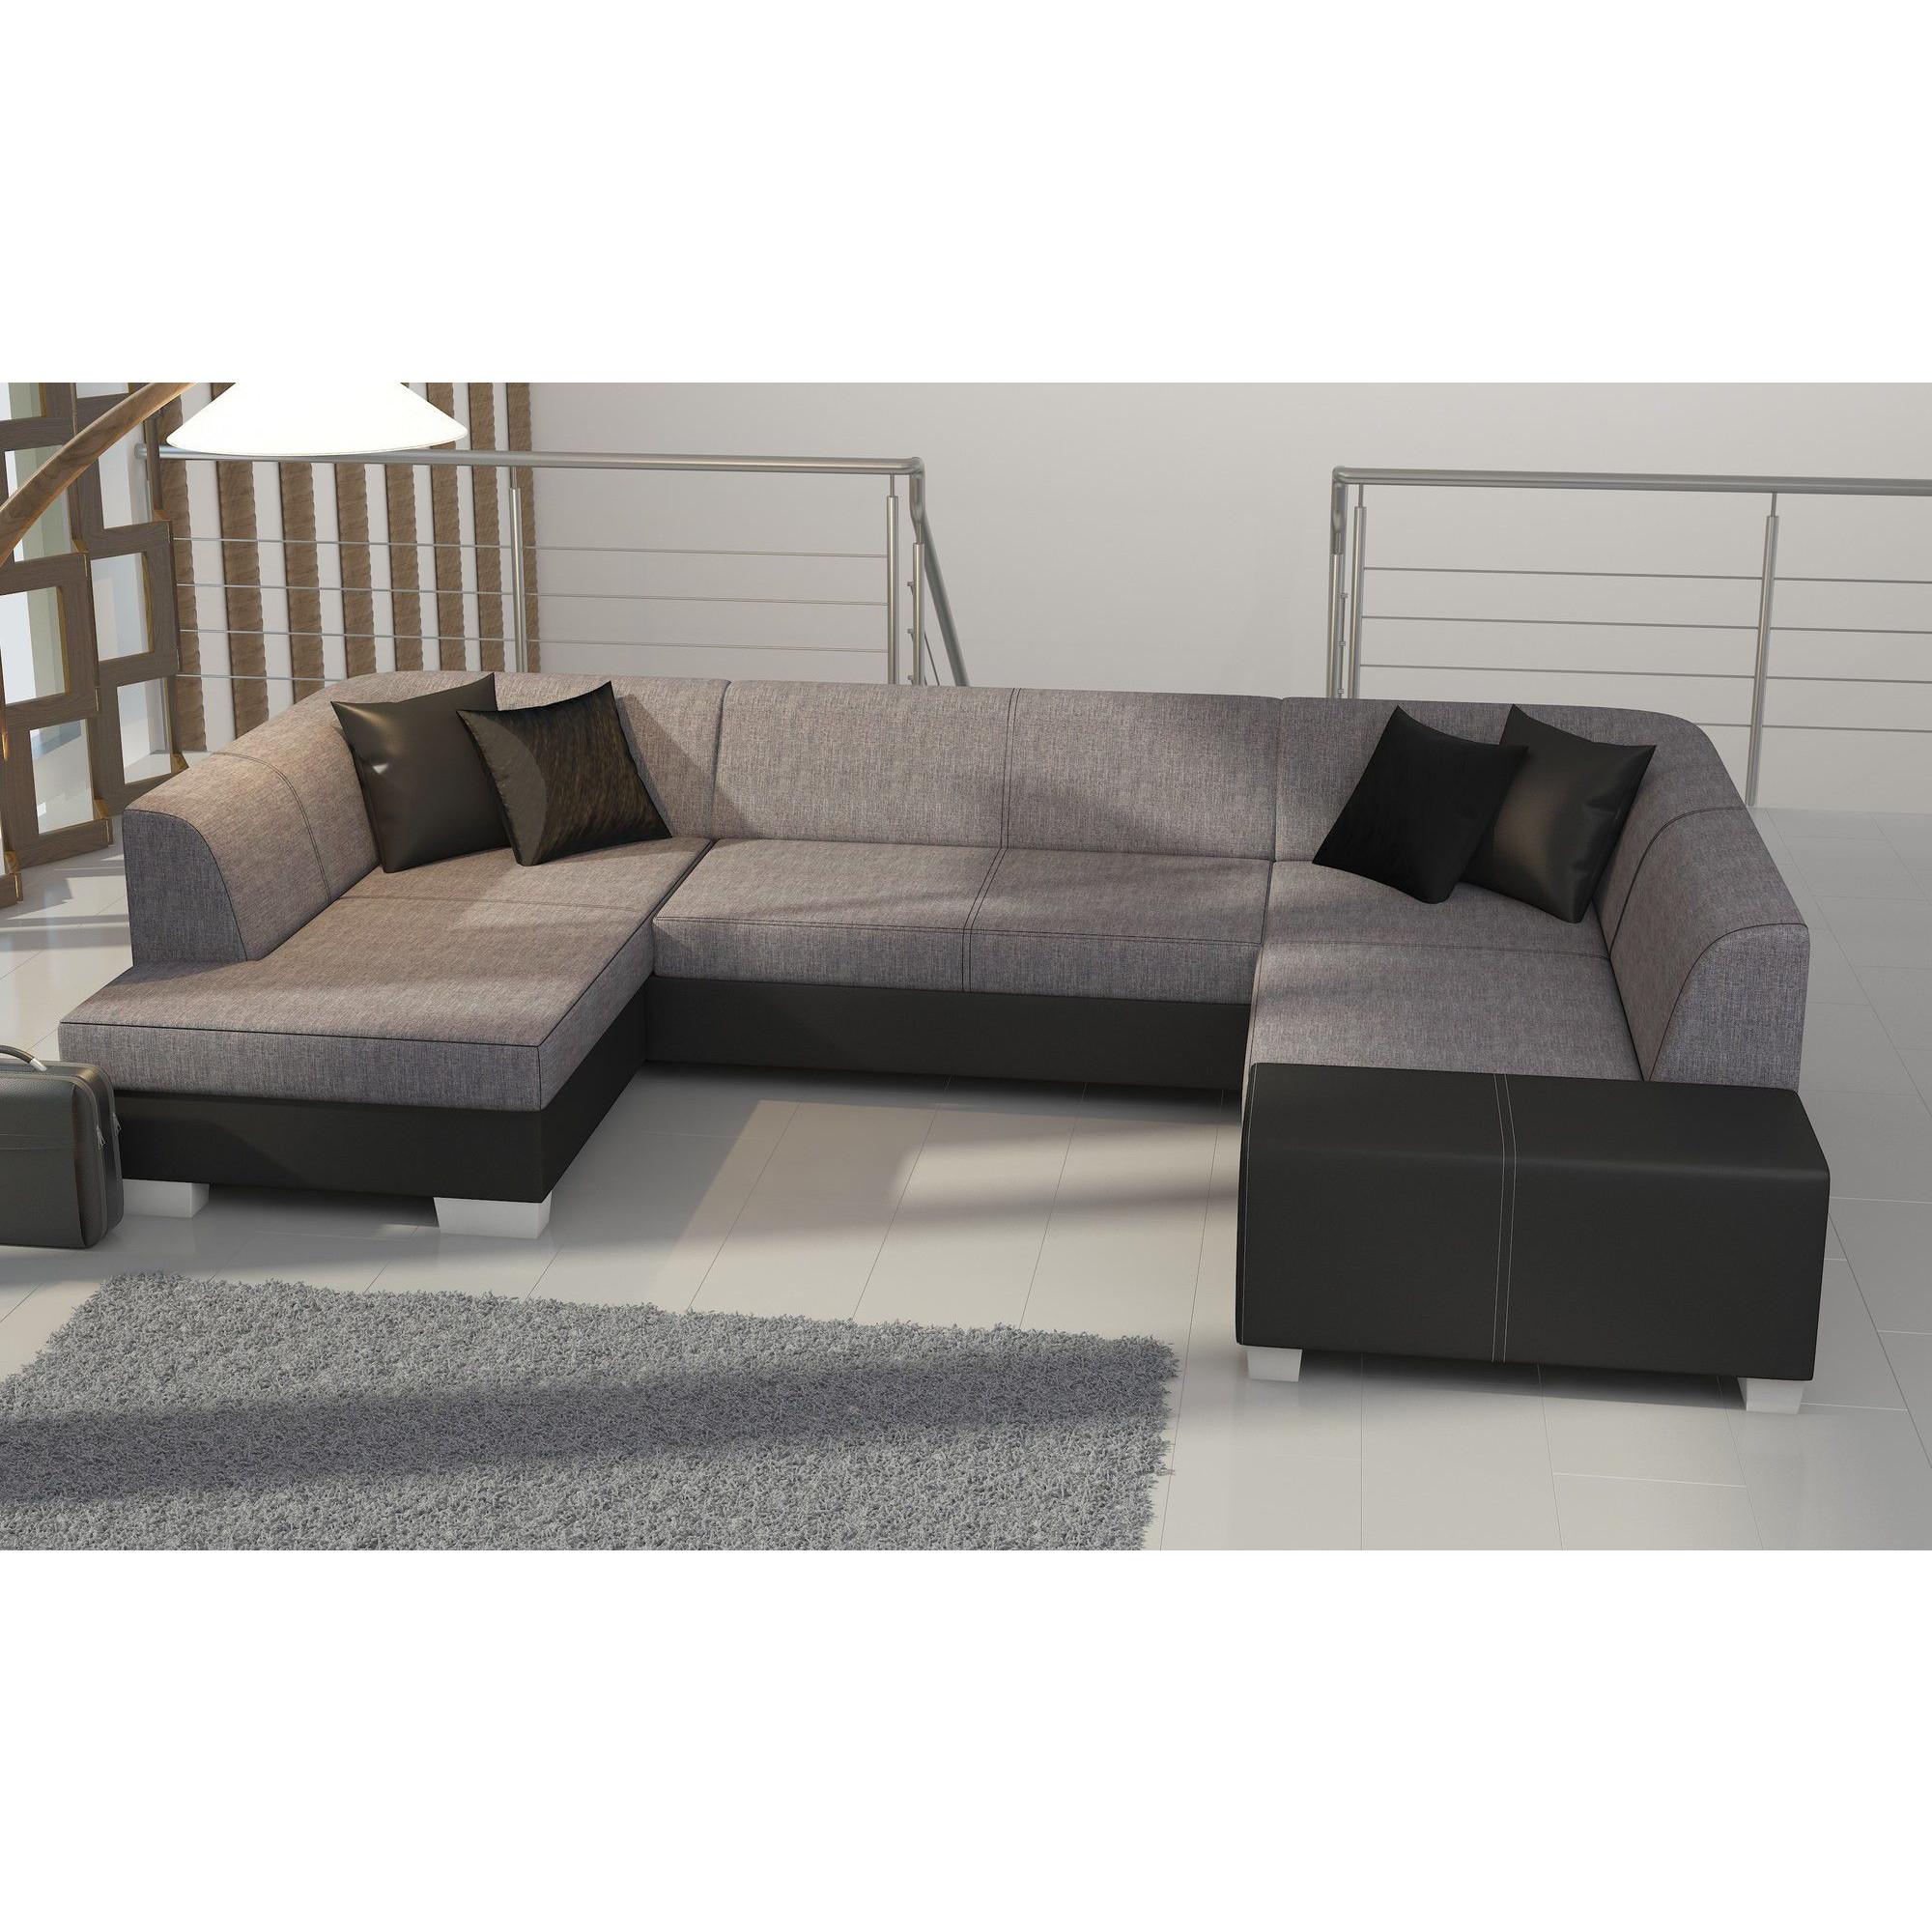 Canapé d angle convertible 4 places en tissu gris